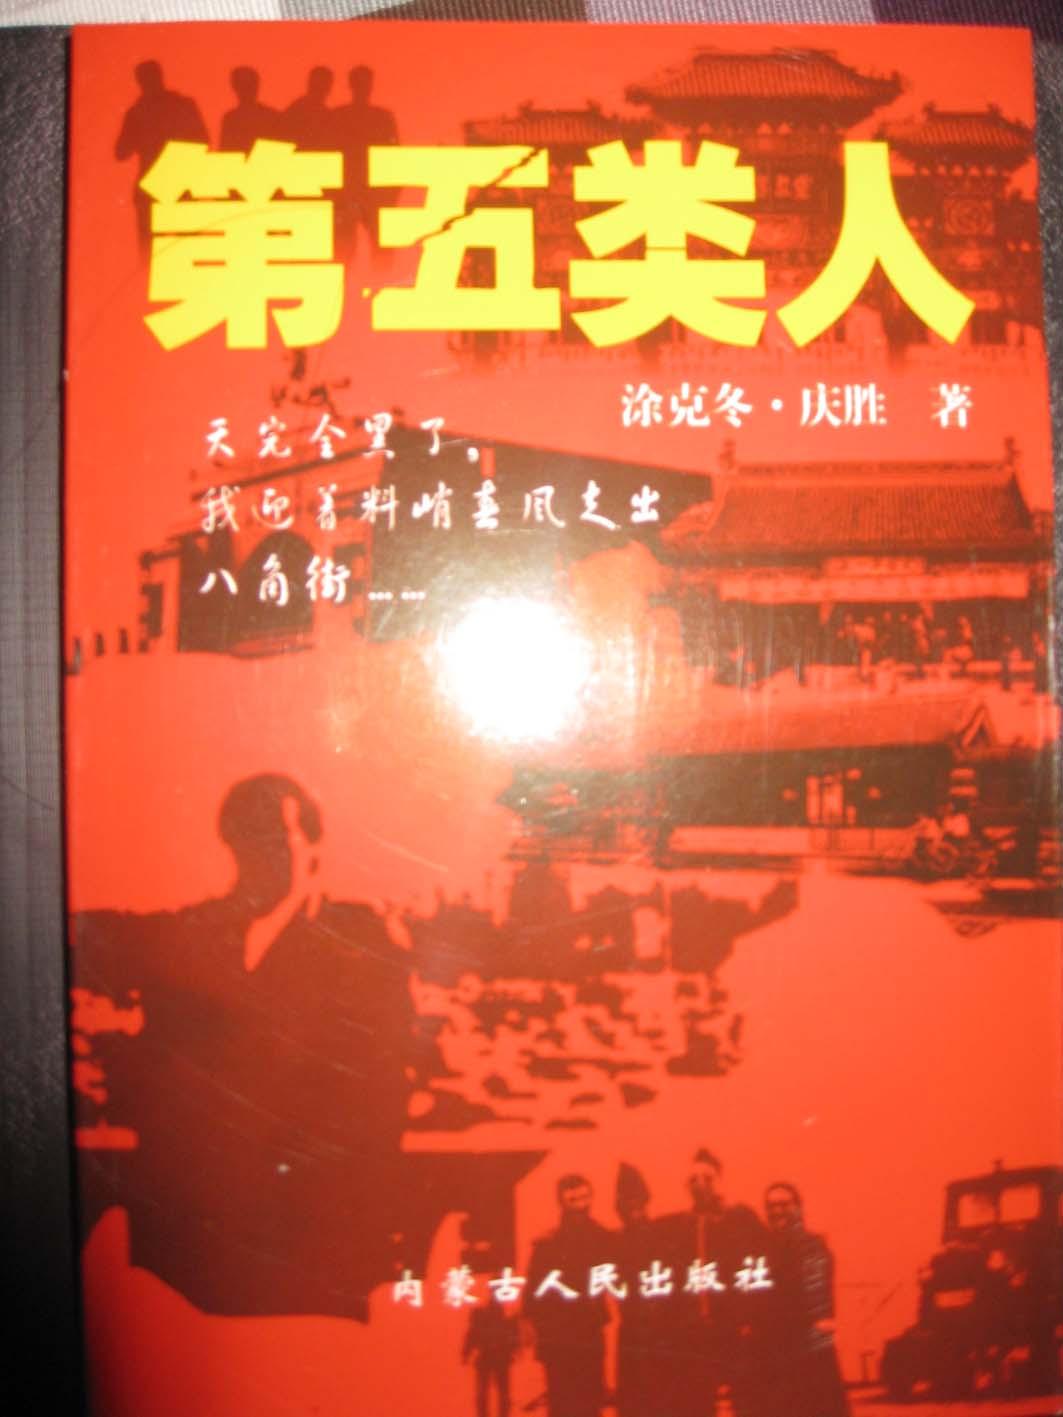 第五类人tkd1956军事小说文化1063